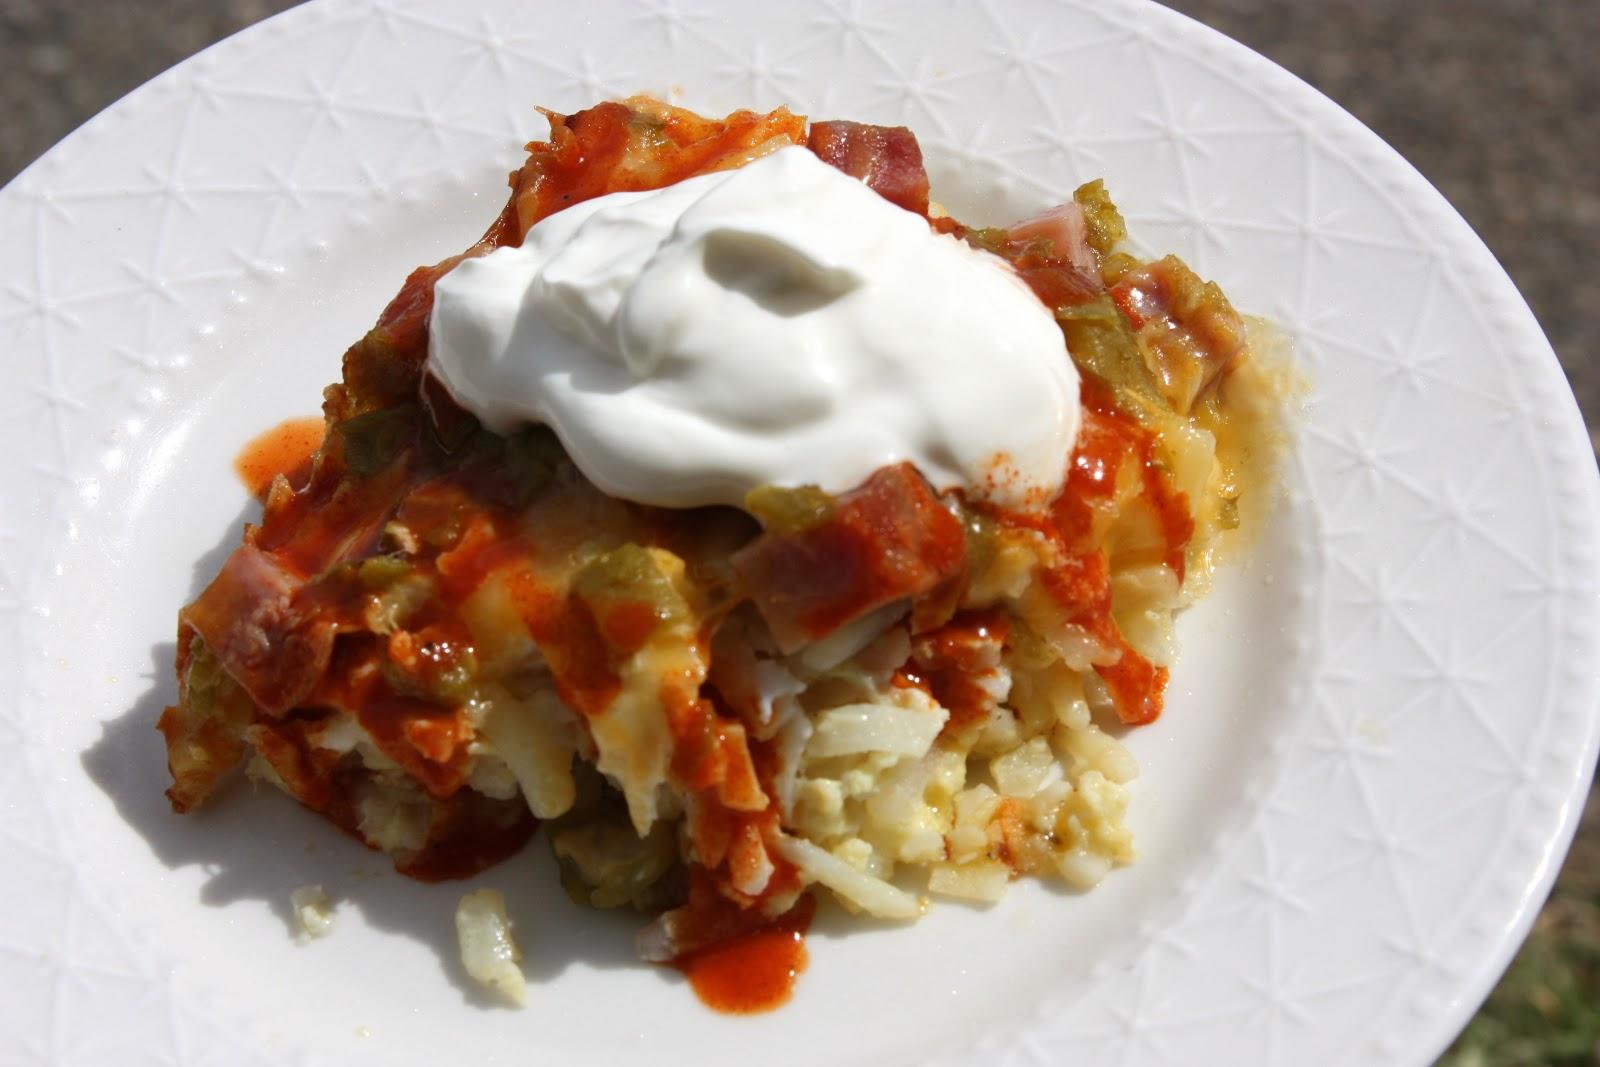 My Recipe Box: Southwestern Breakfast Casserole